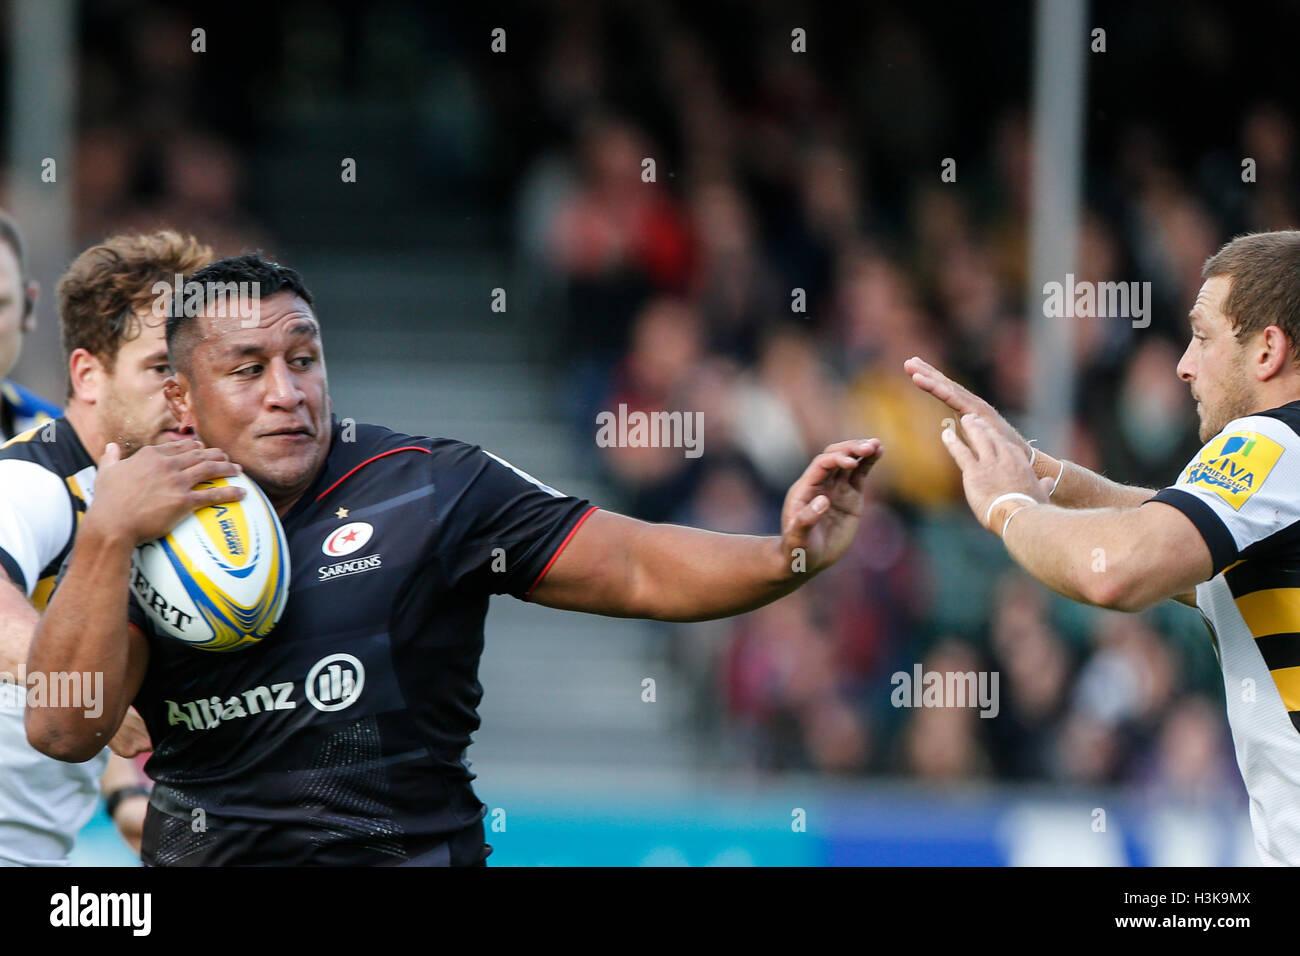 Barnet Copthall, London, UK. 9. Oktober 2016. Aviva Premiership Rugby. Sarazenen gegen Wespen. Mako Vunipola der Stockfoto